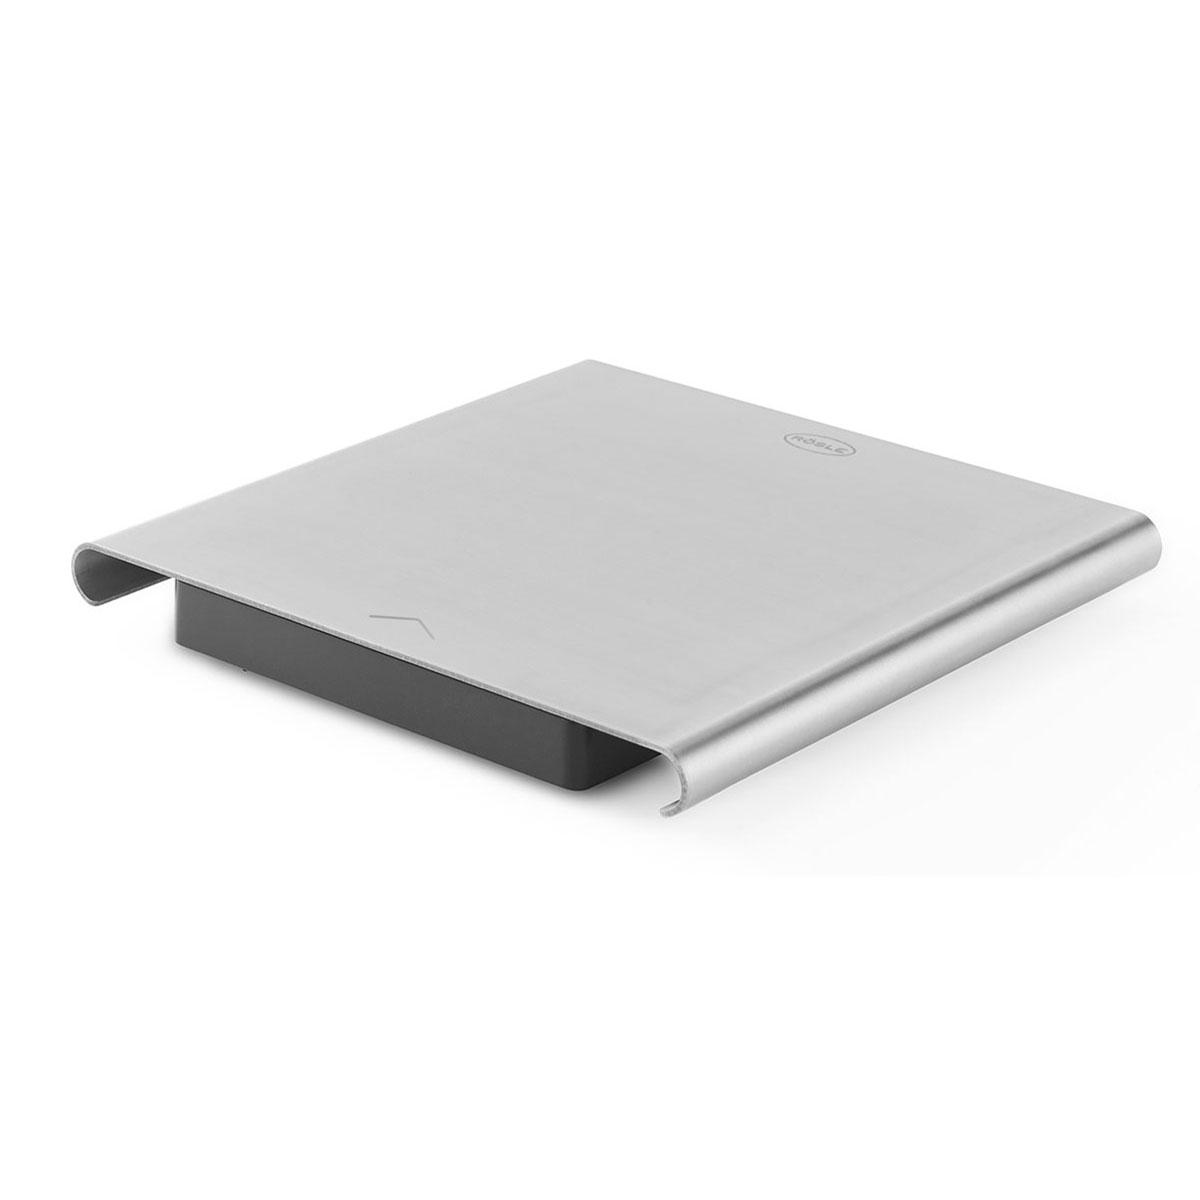 Rösle digitale Küchenwaage bis max. 5 Kg mit Slide-Mechanismus günstig online kaufen